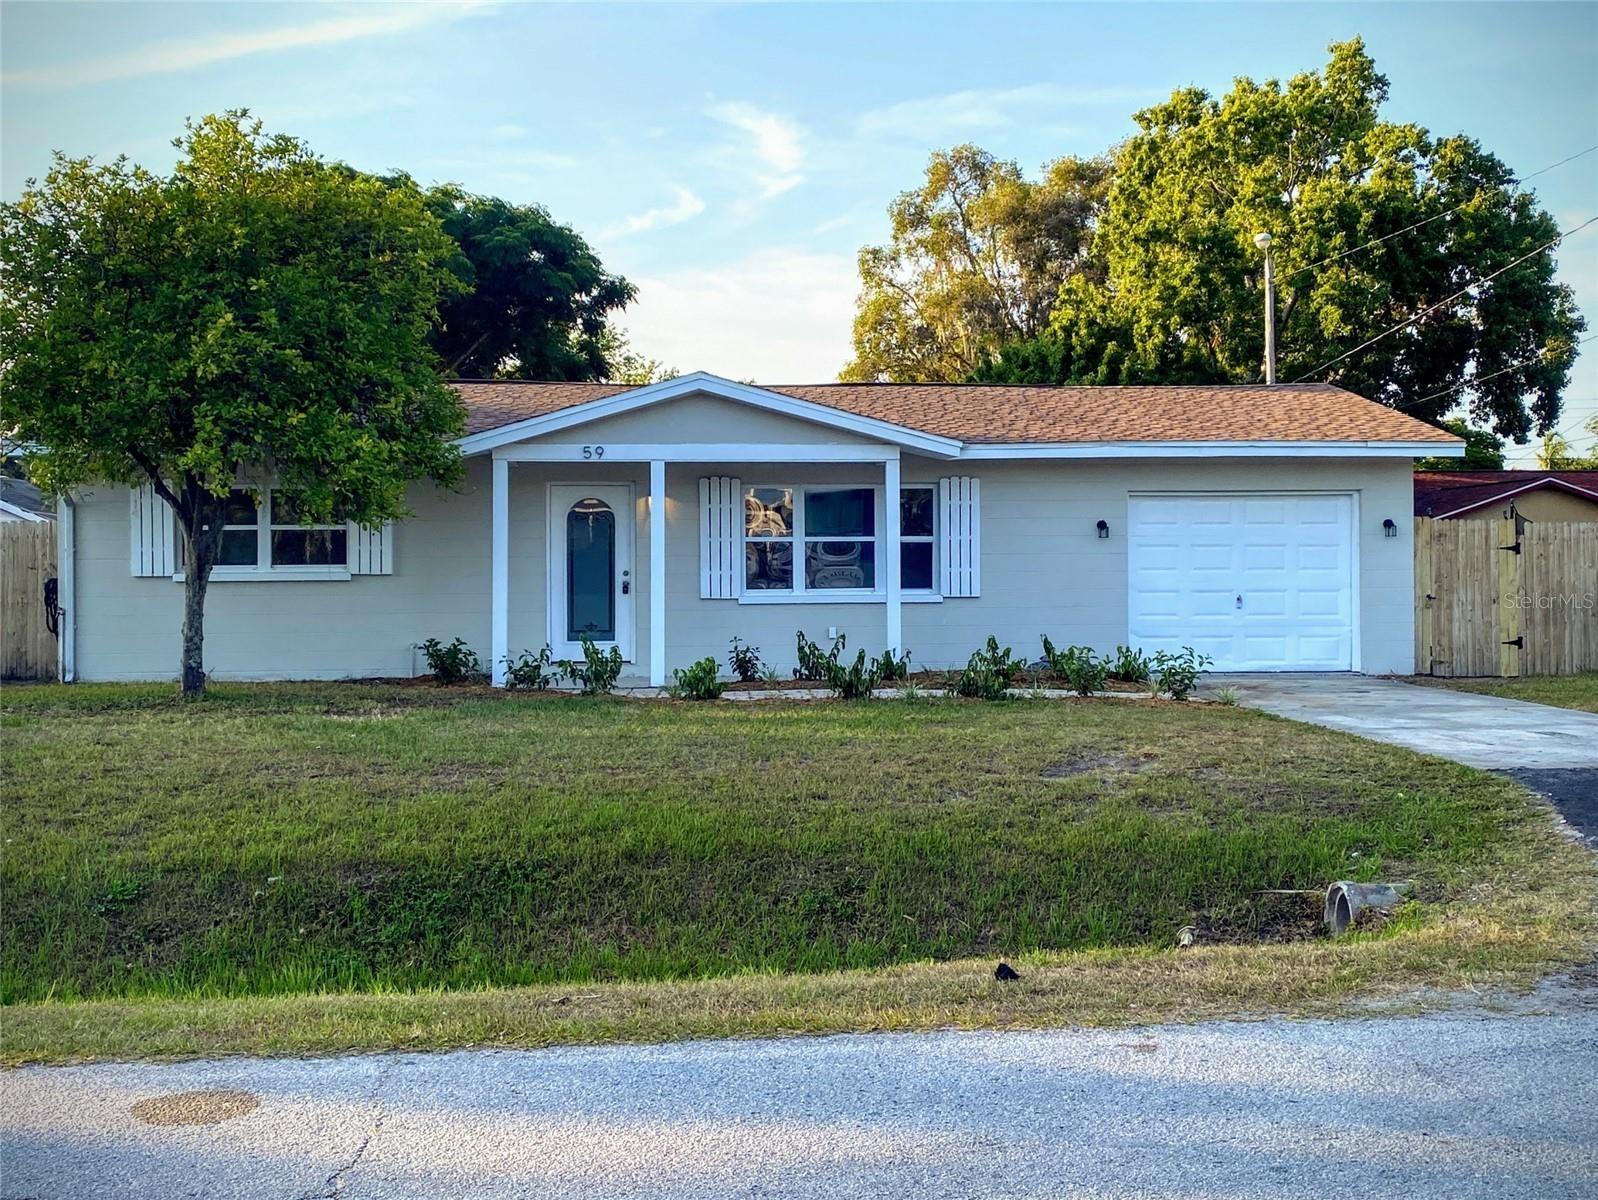 59 LAKE SHORE DRIVE, Palm Harbor, FL 34684 - #: U8125806